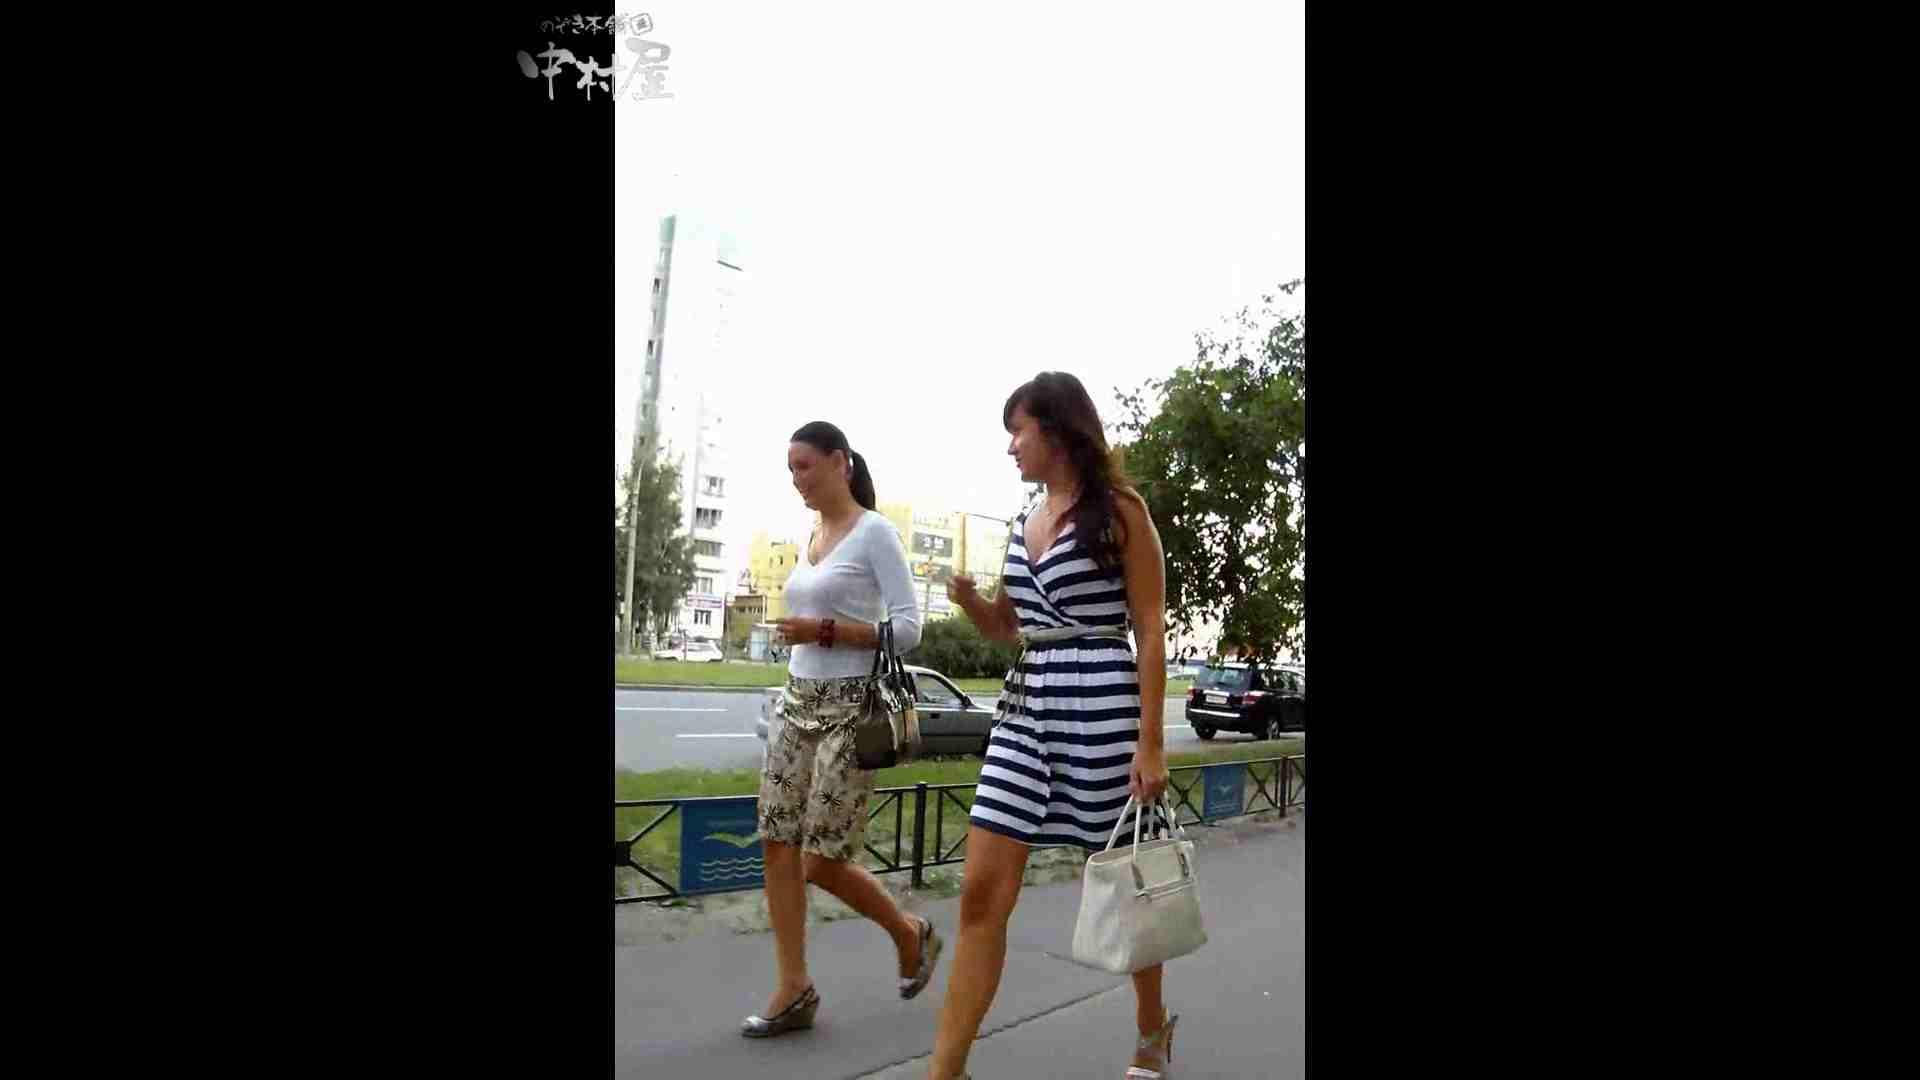 綺麗なモデルさんのスカート捲っちゃおう‼ vol26 お姉さんのエロ動画  77PIX 28